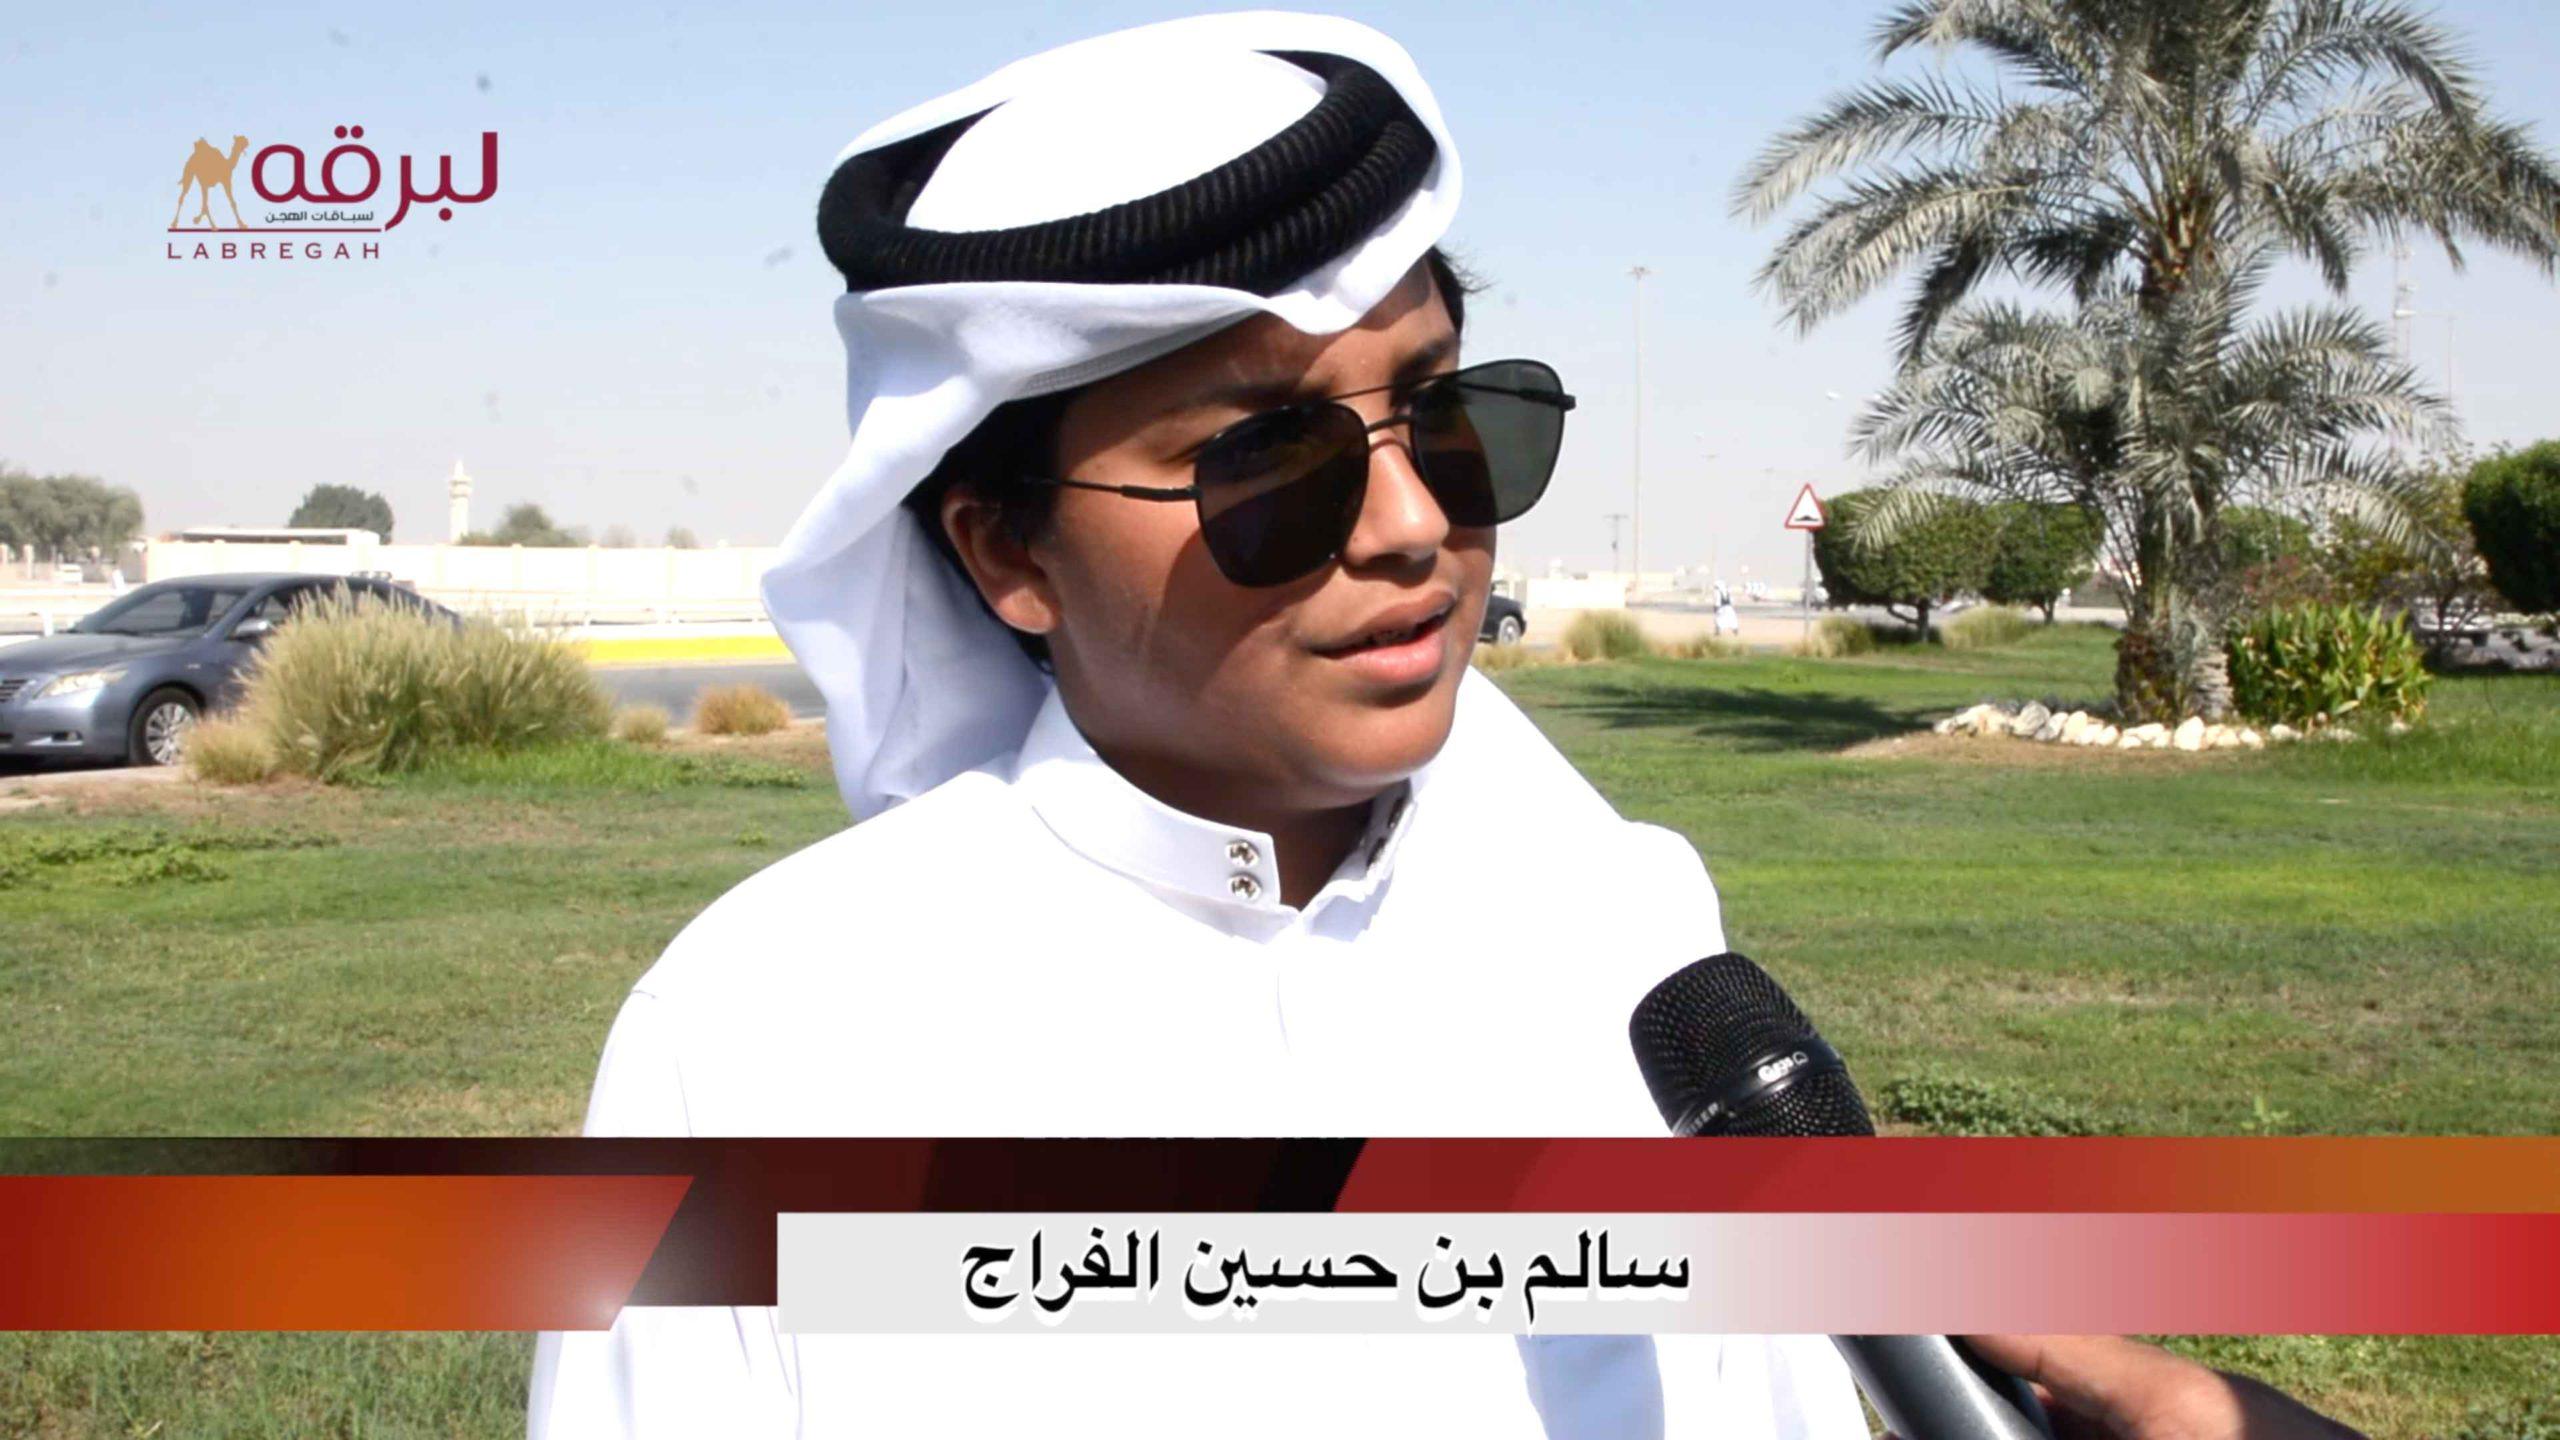 لقاء مع سالم بن حسين الفراج.. الشوط الرئيسي للحيل إنتاج الأشواط العامة ٢٧-٩-٢٠٢٠